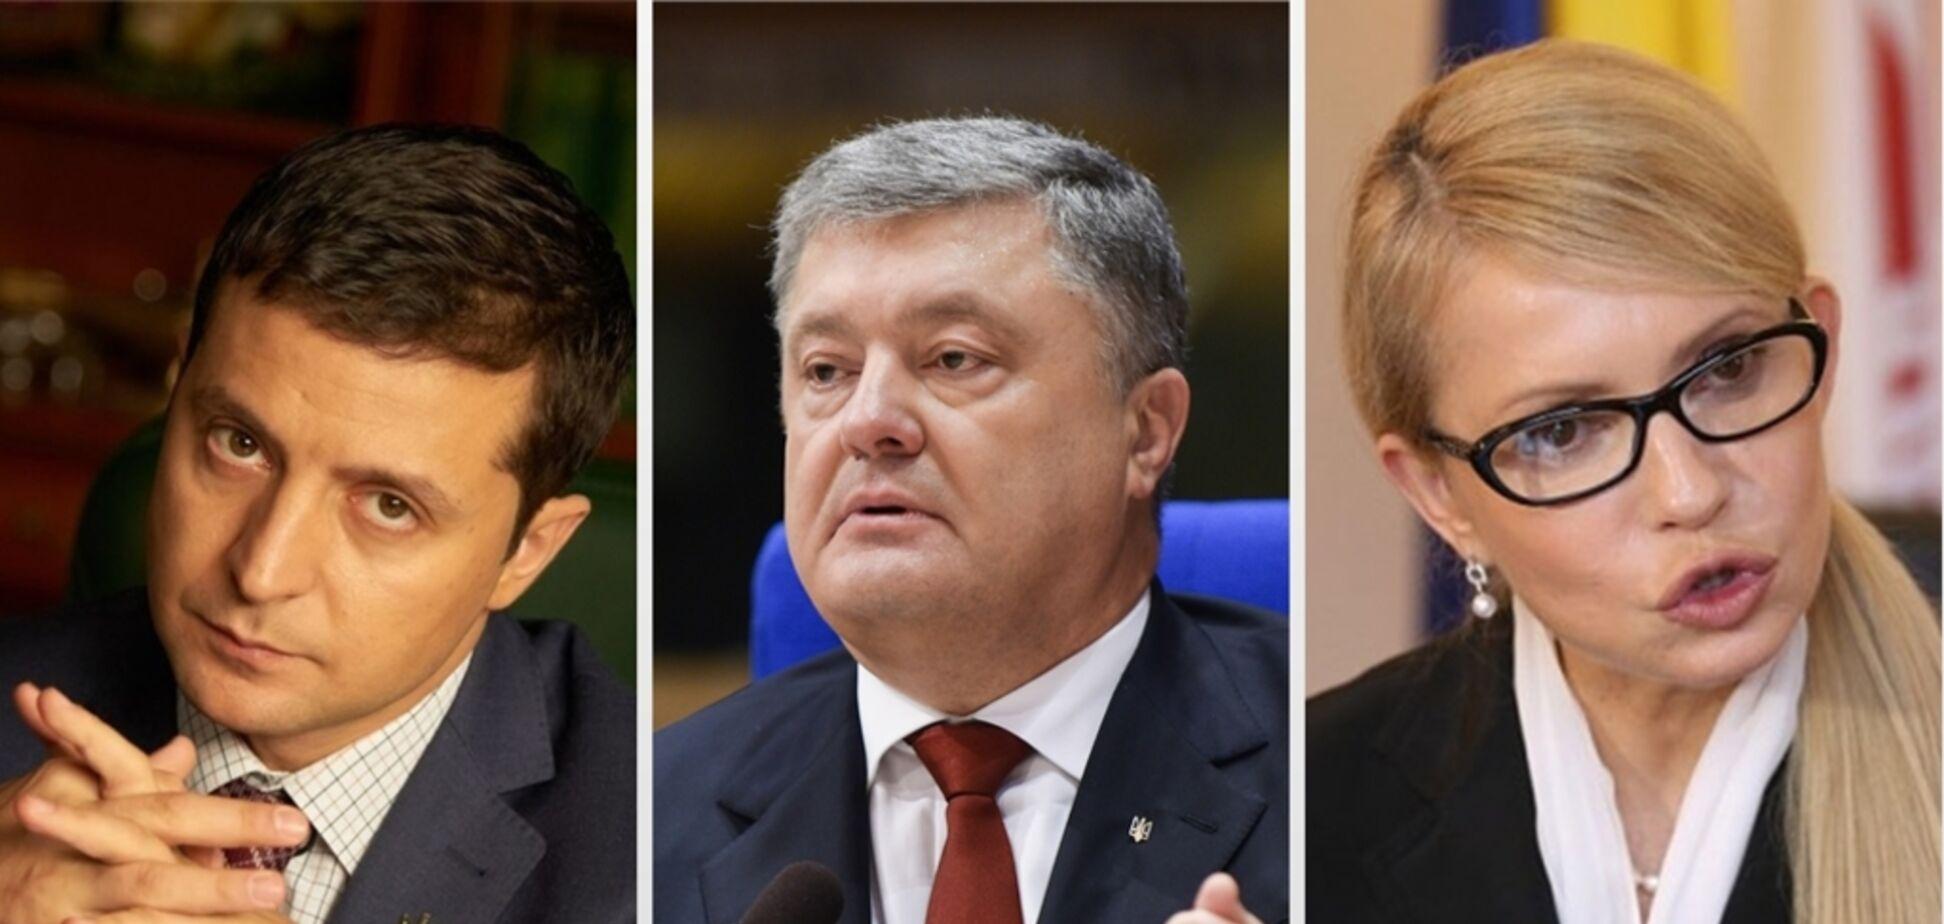 Порошенко догоняет Тимошенко: украинцы назвали топ-3 кандидата